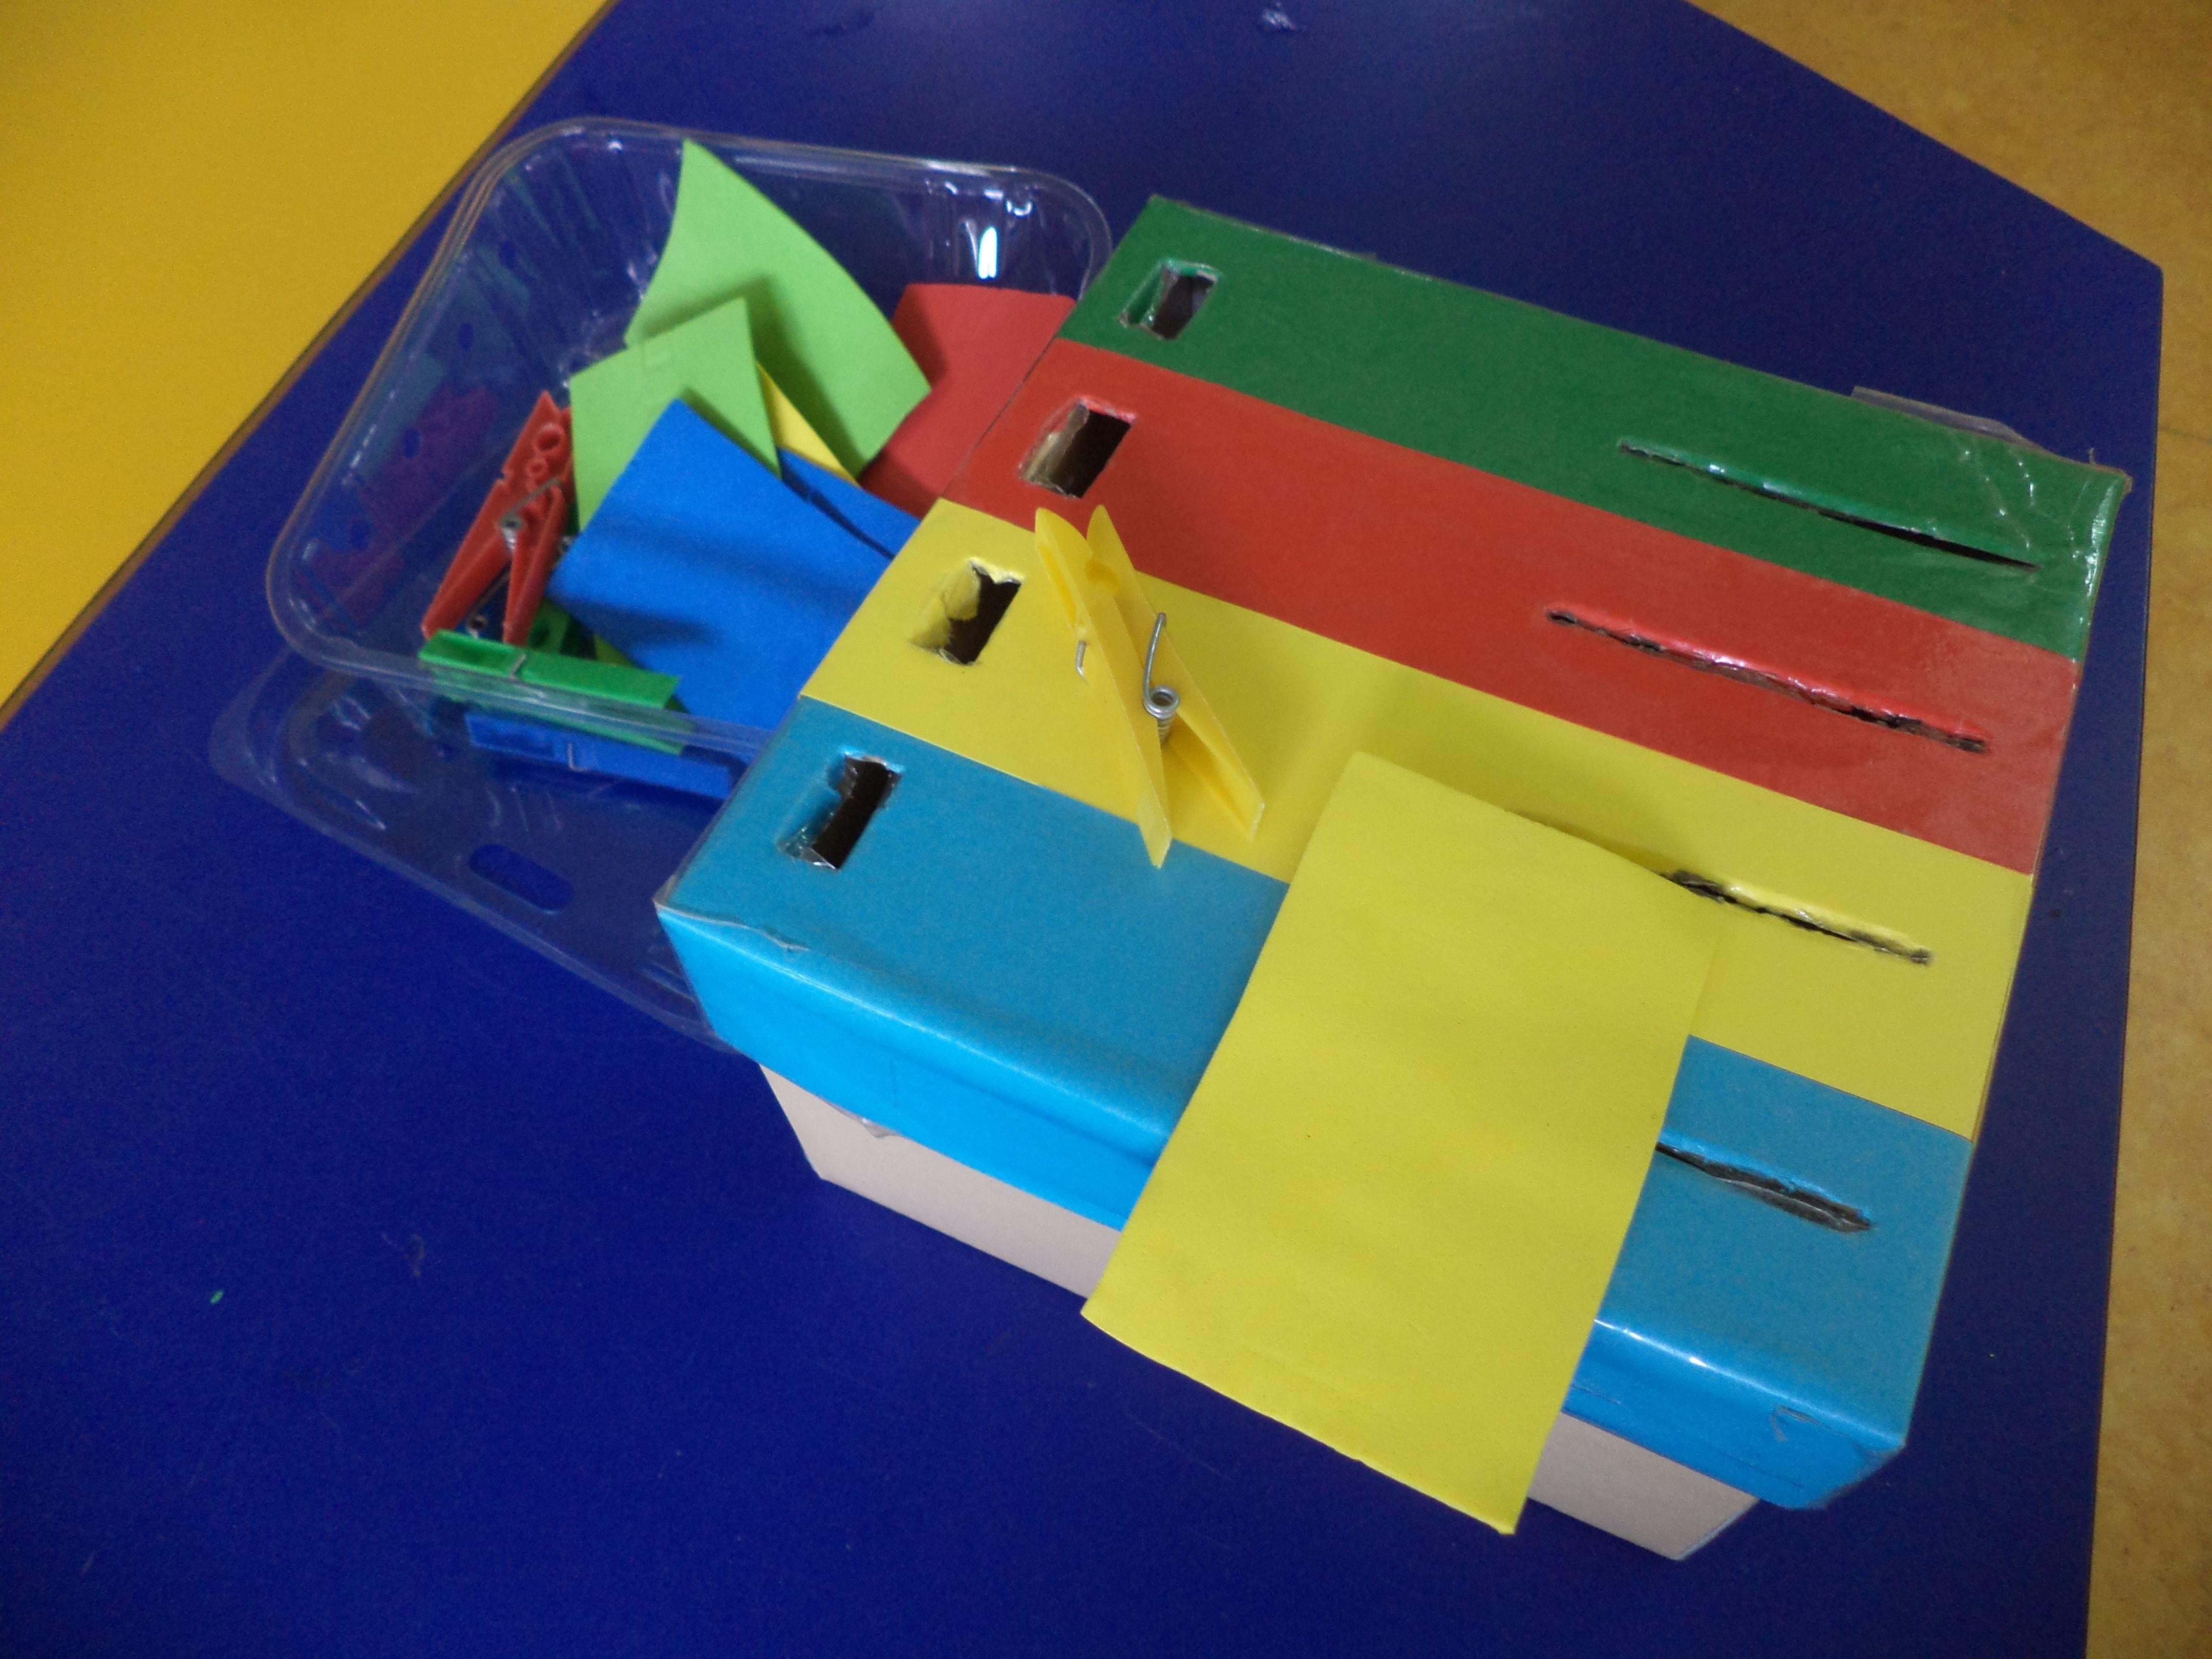 capsa de cartró reciclada, paper eva i pinces. Posem la pinça i el paper eva al seu forat per colors. Treballem la motricitat fina i la concentració. Caja de cartón reciclada, goma eva y pinzas. Hay que poner la pinza y el cartón en su agujero correspondiente. Trabajamos la motricidad fina, discriminación de colores y la concentración.